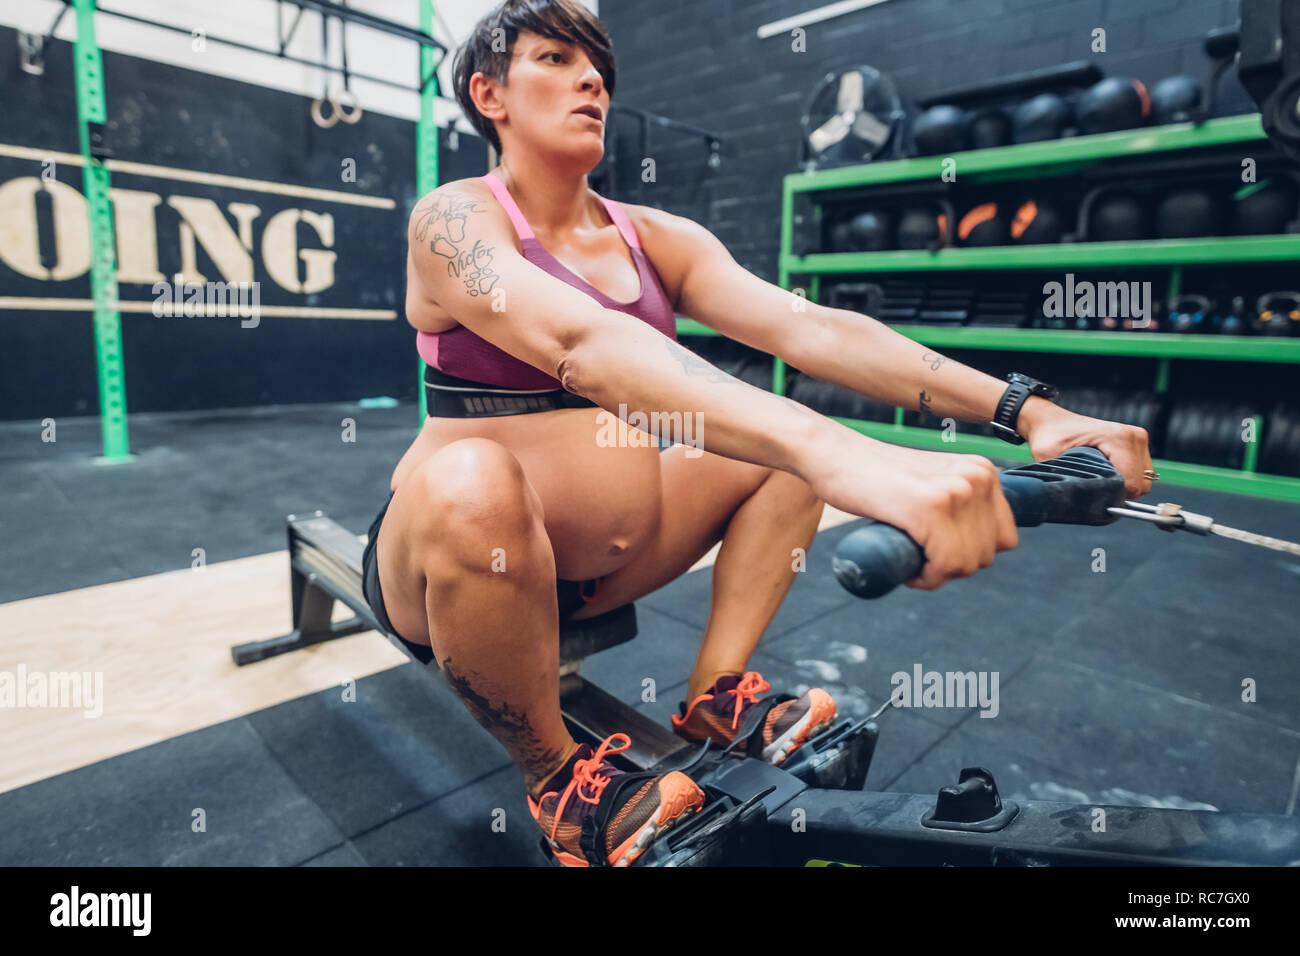 Femme enceinte sur une machine à ramer en salle de sport Banque D'Images